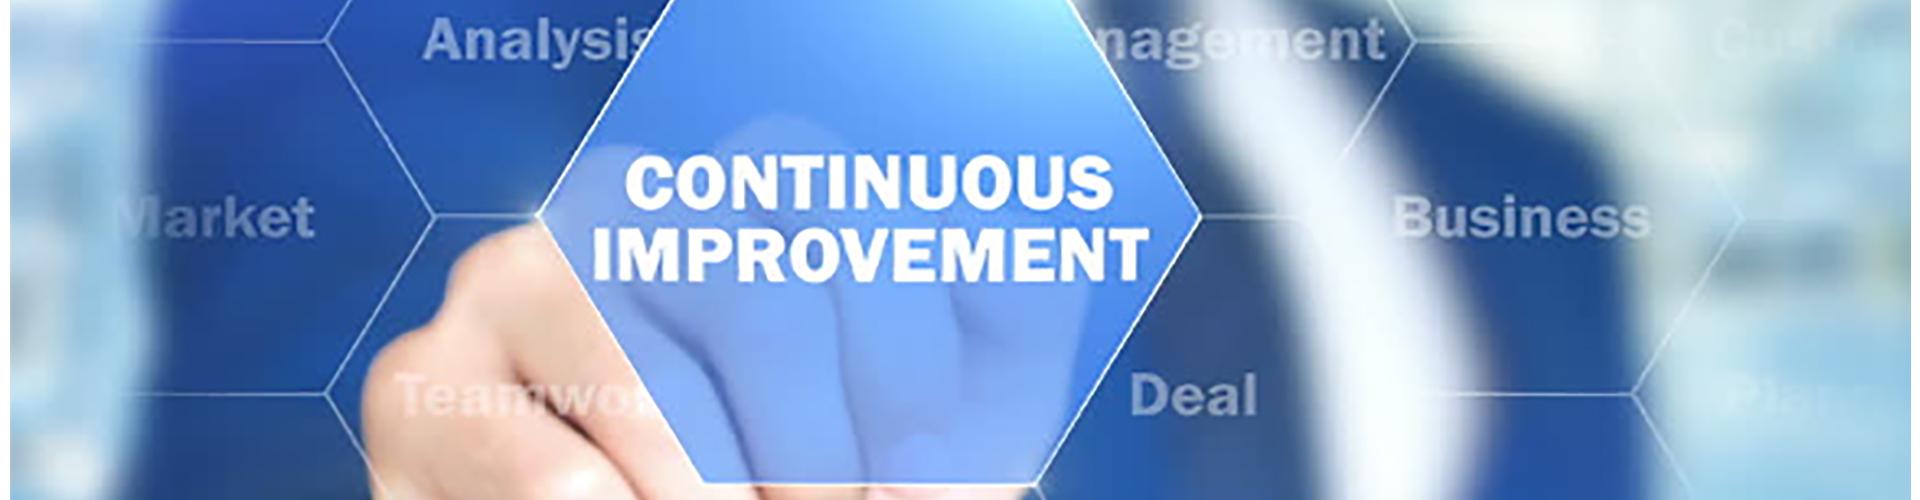 continuous_improvemnet